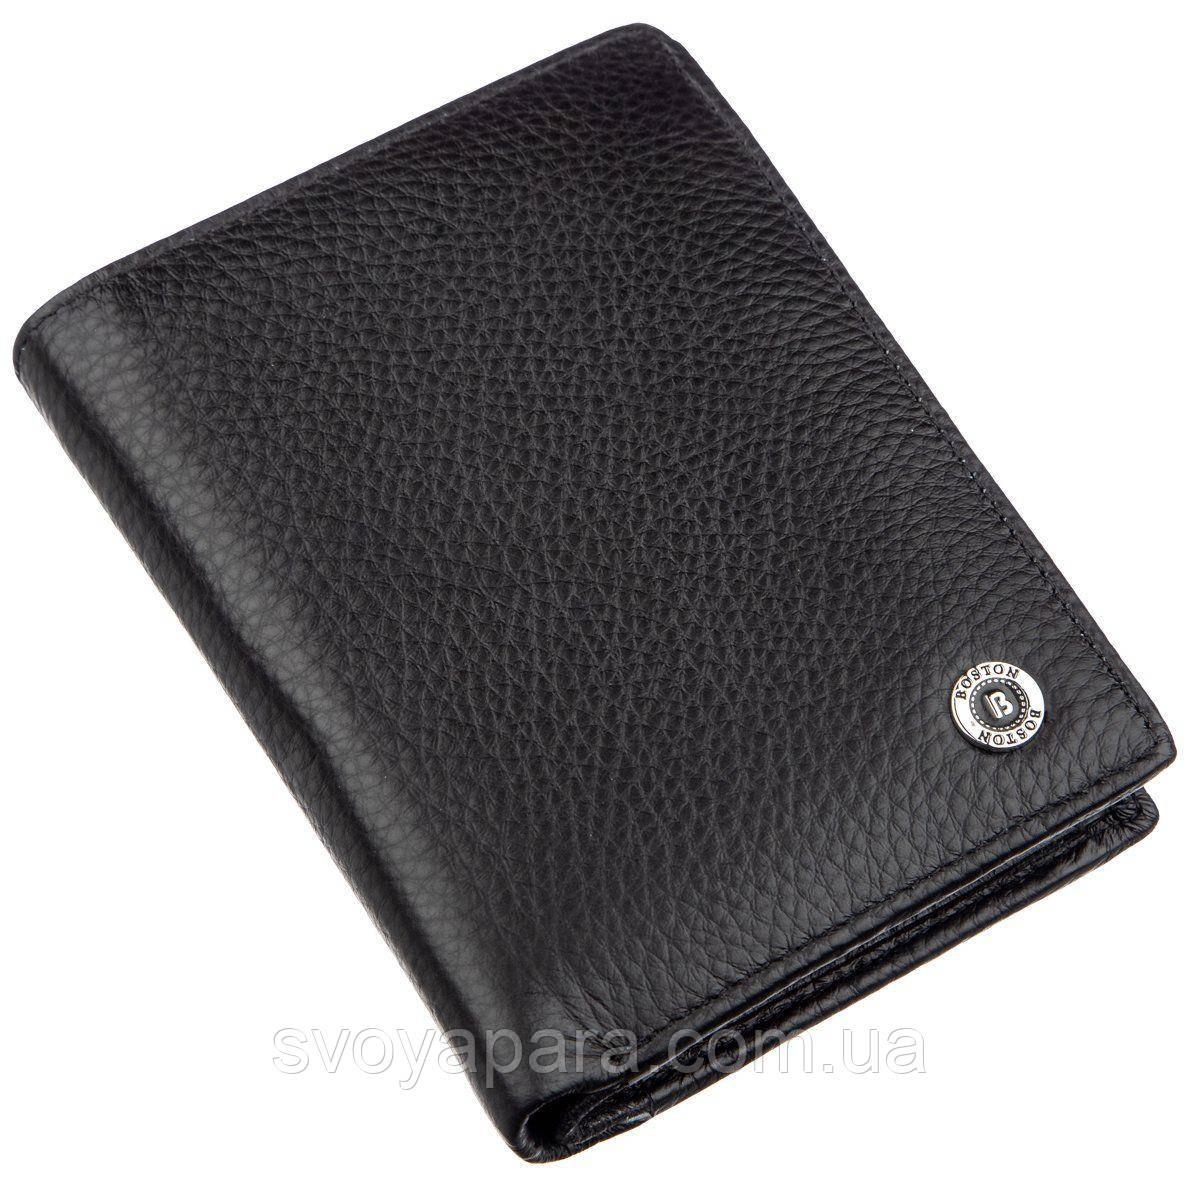 Мужской кожаный кошелек с монетницей Boston 18826 Черный